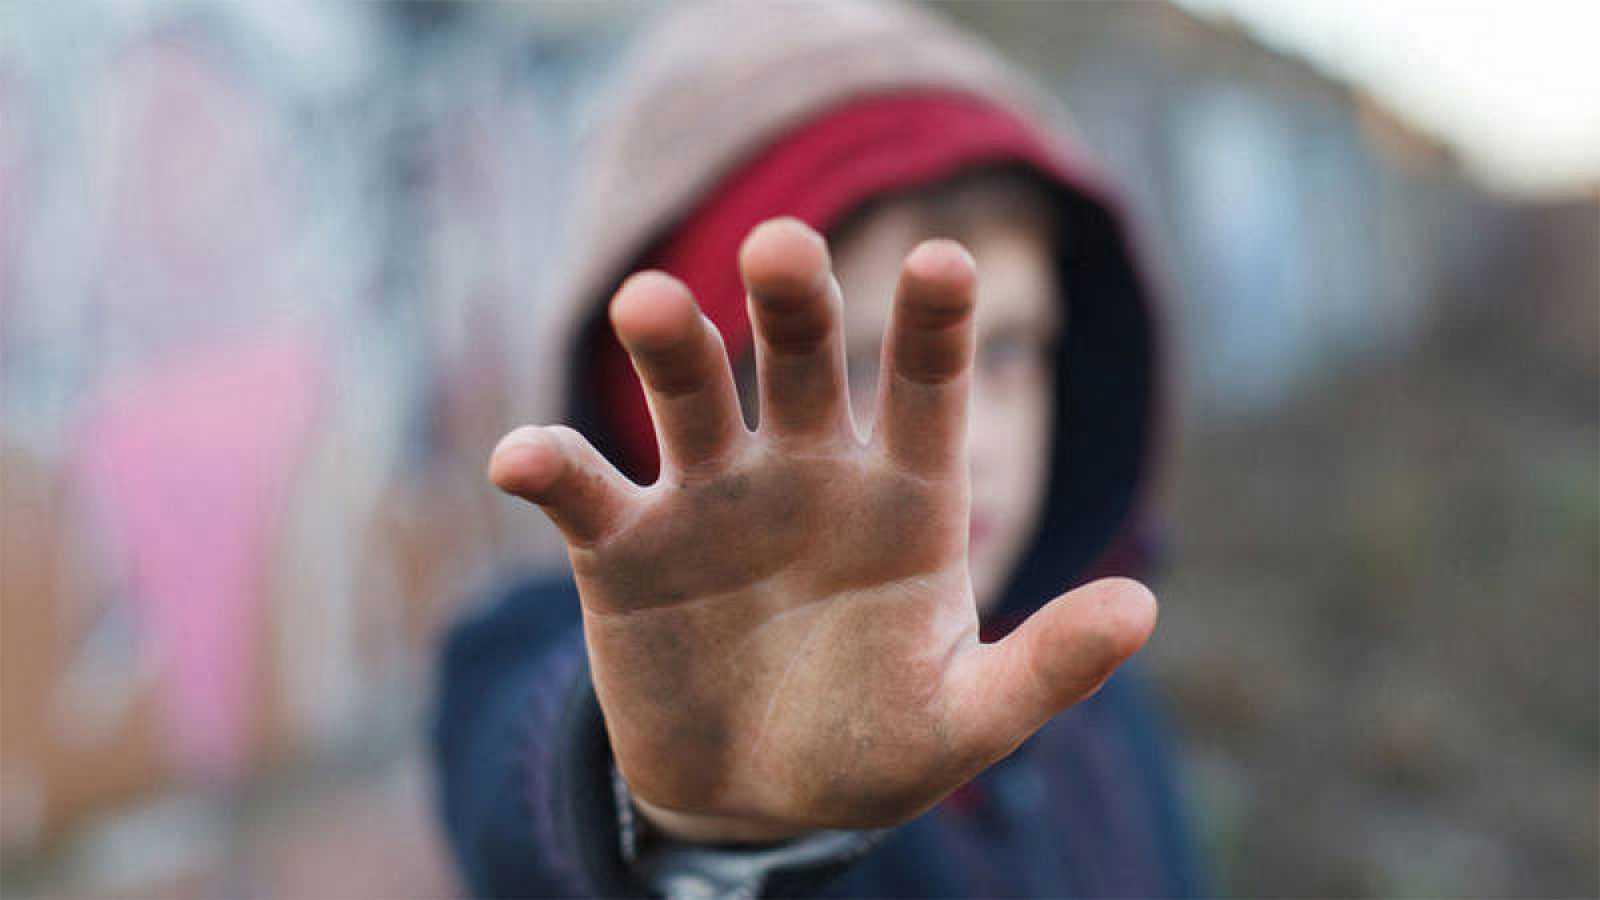 El Gobierno ha aprobado este viernes el anteproyecto de Ley Orgánica de Protección Integral a la Infancia y la Adolescencia frente a la Violencia que amplía el comienzo del plazo de prescripción de los delitos más graves contra menores hasta que la v